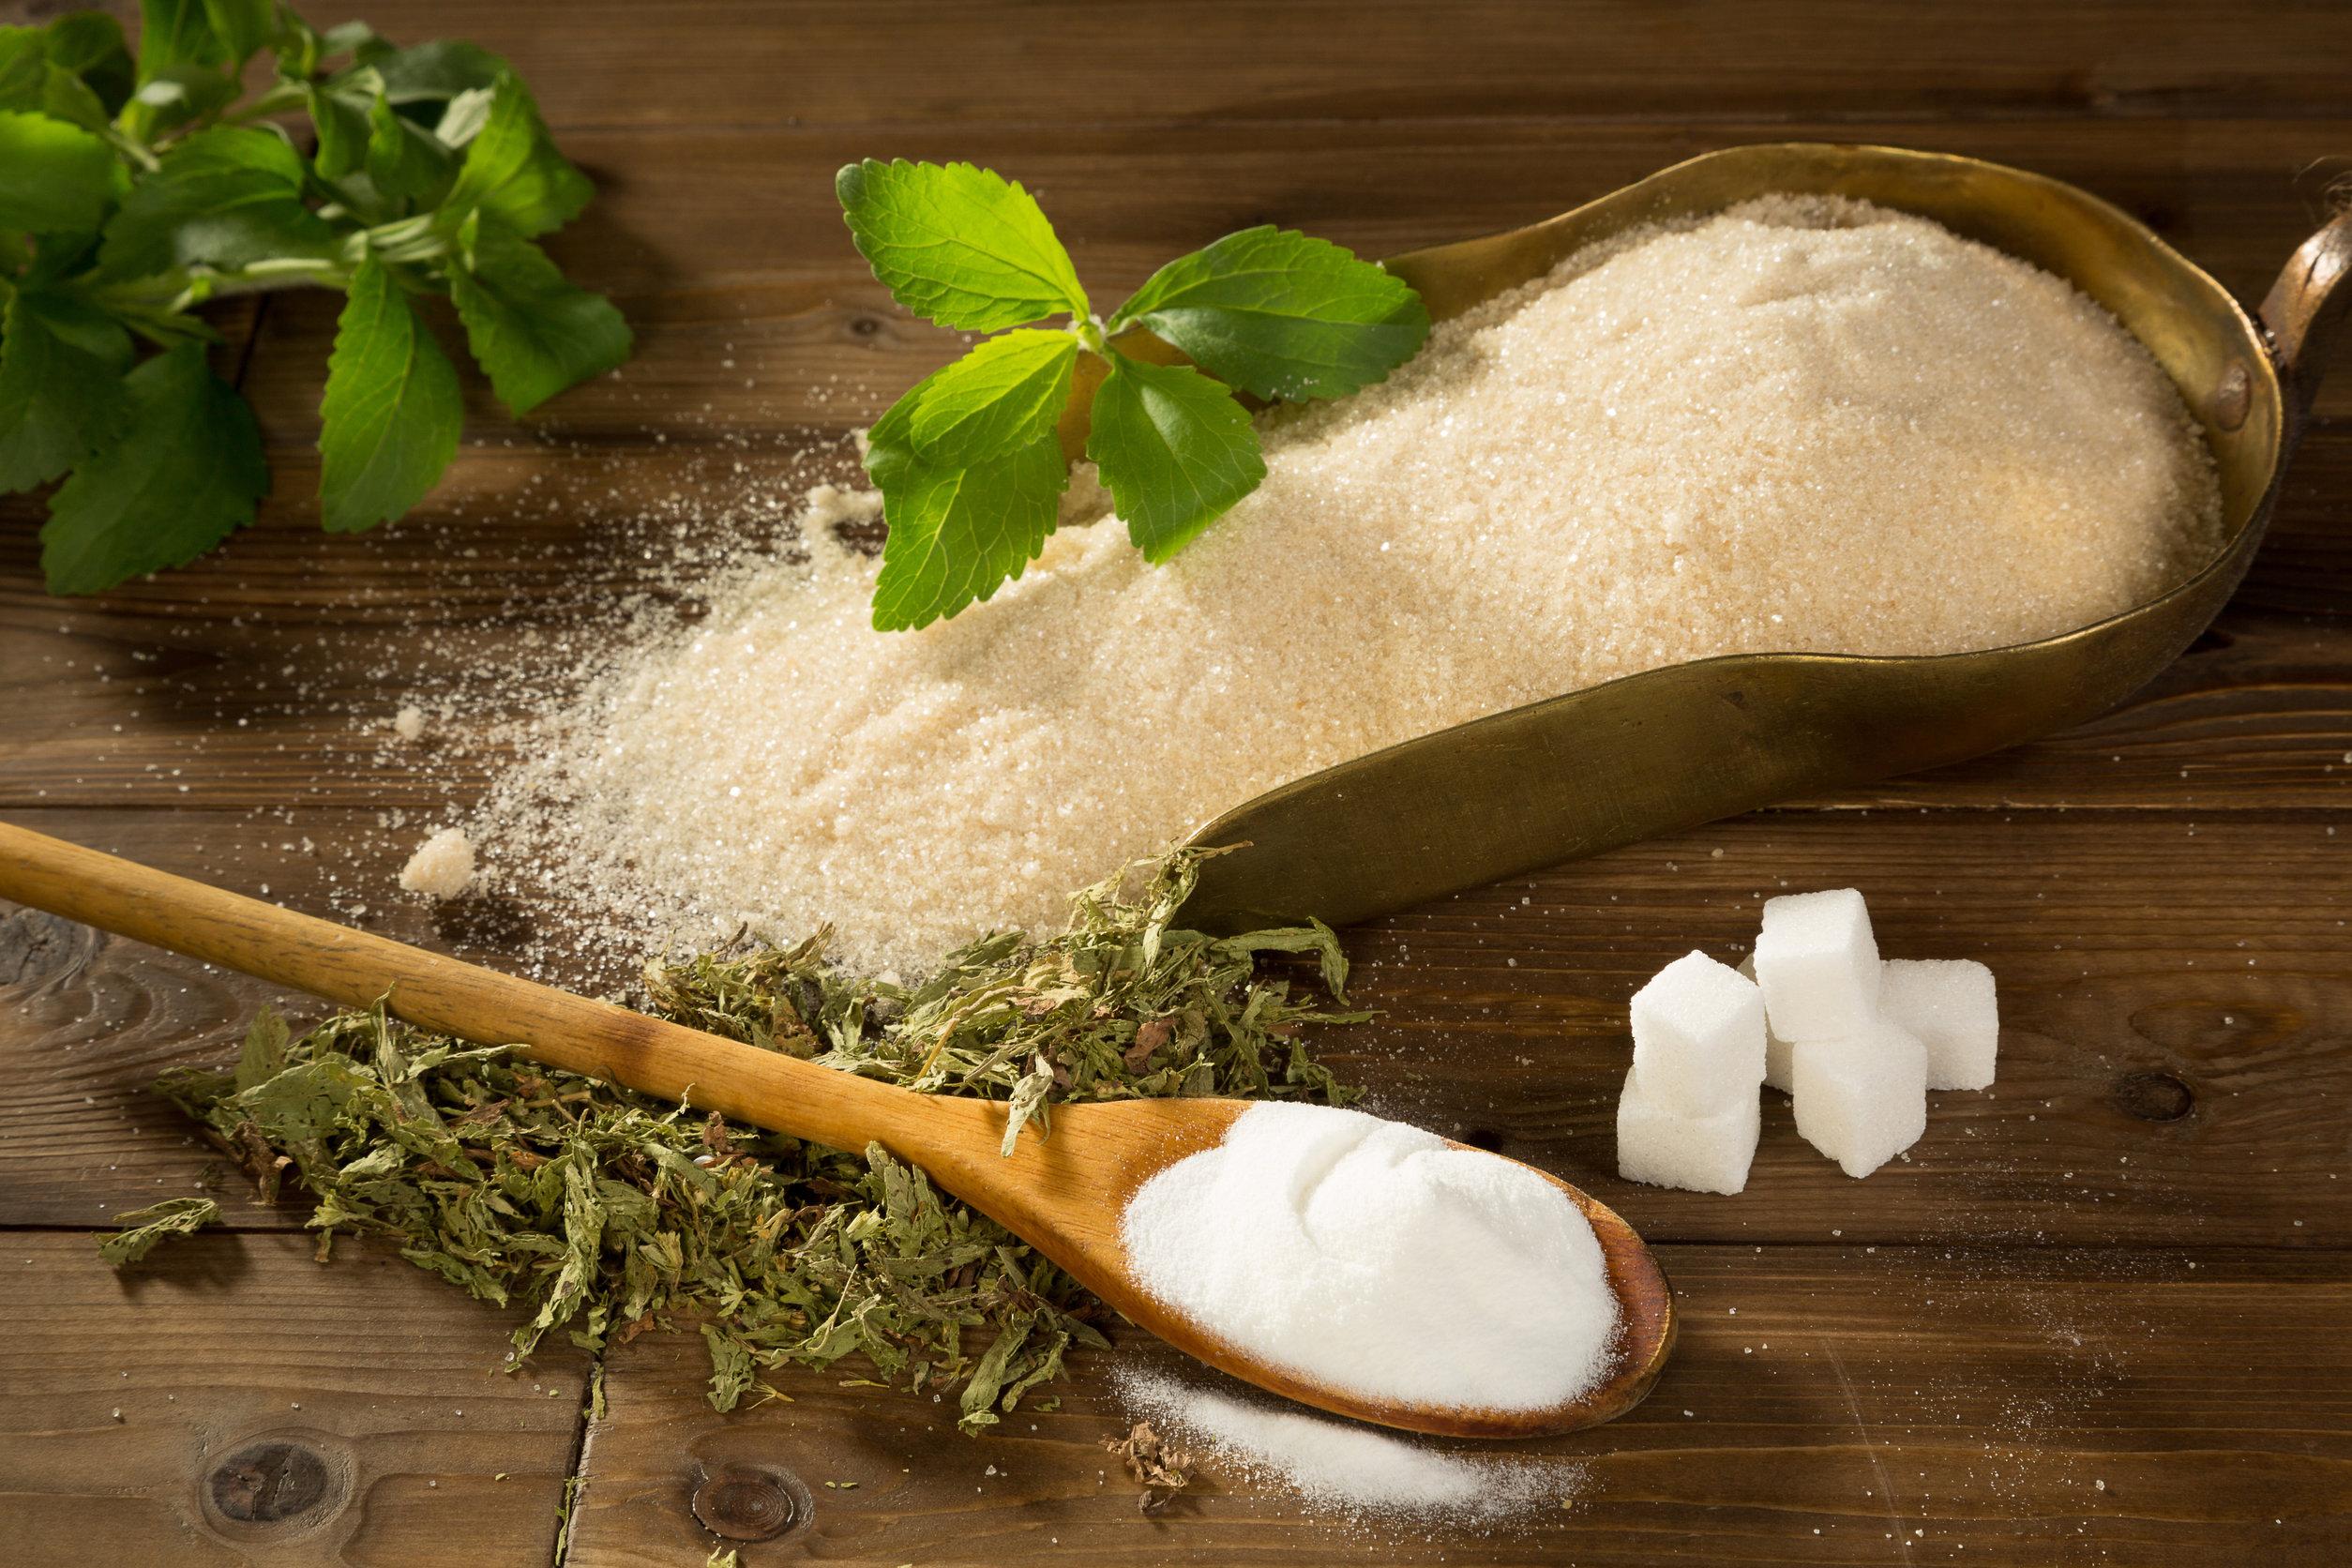 Cât de bună este stevia. Ce spun experții despre acest înlocuitor al zahărului